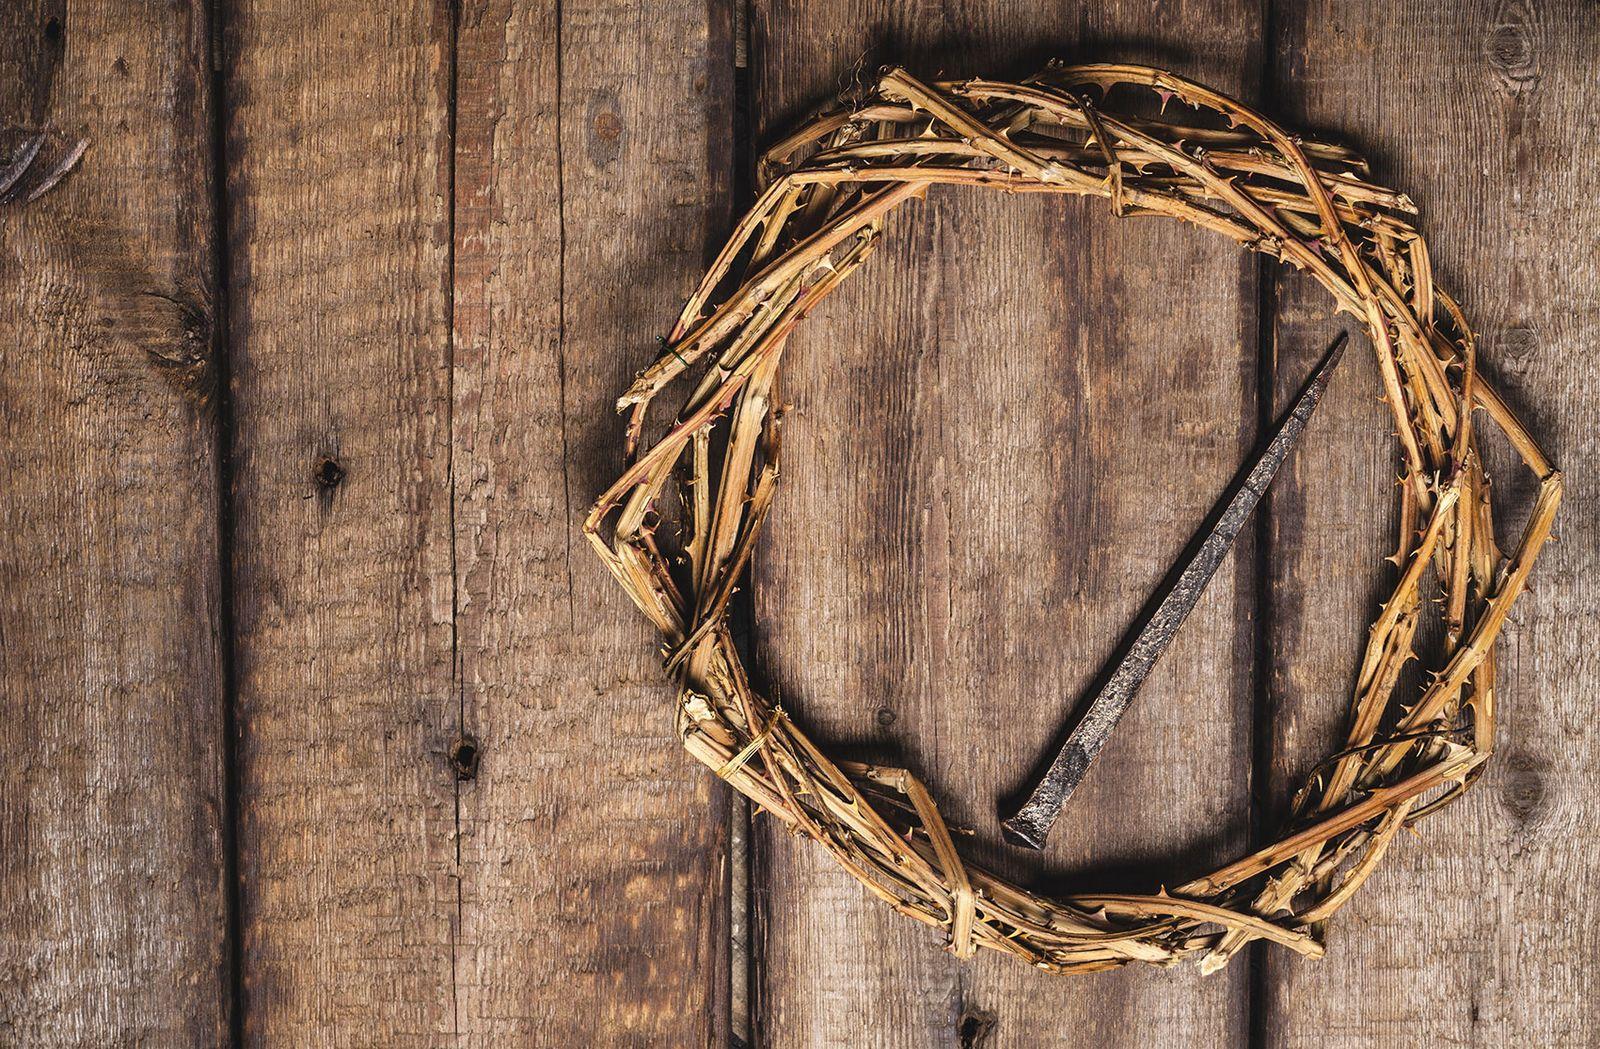 Los impresionantes Detalles de la Pasión de Cristo en los Relatos de 2 Videntes